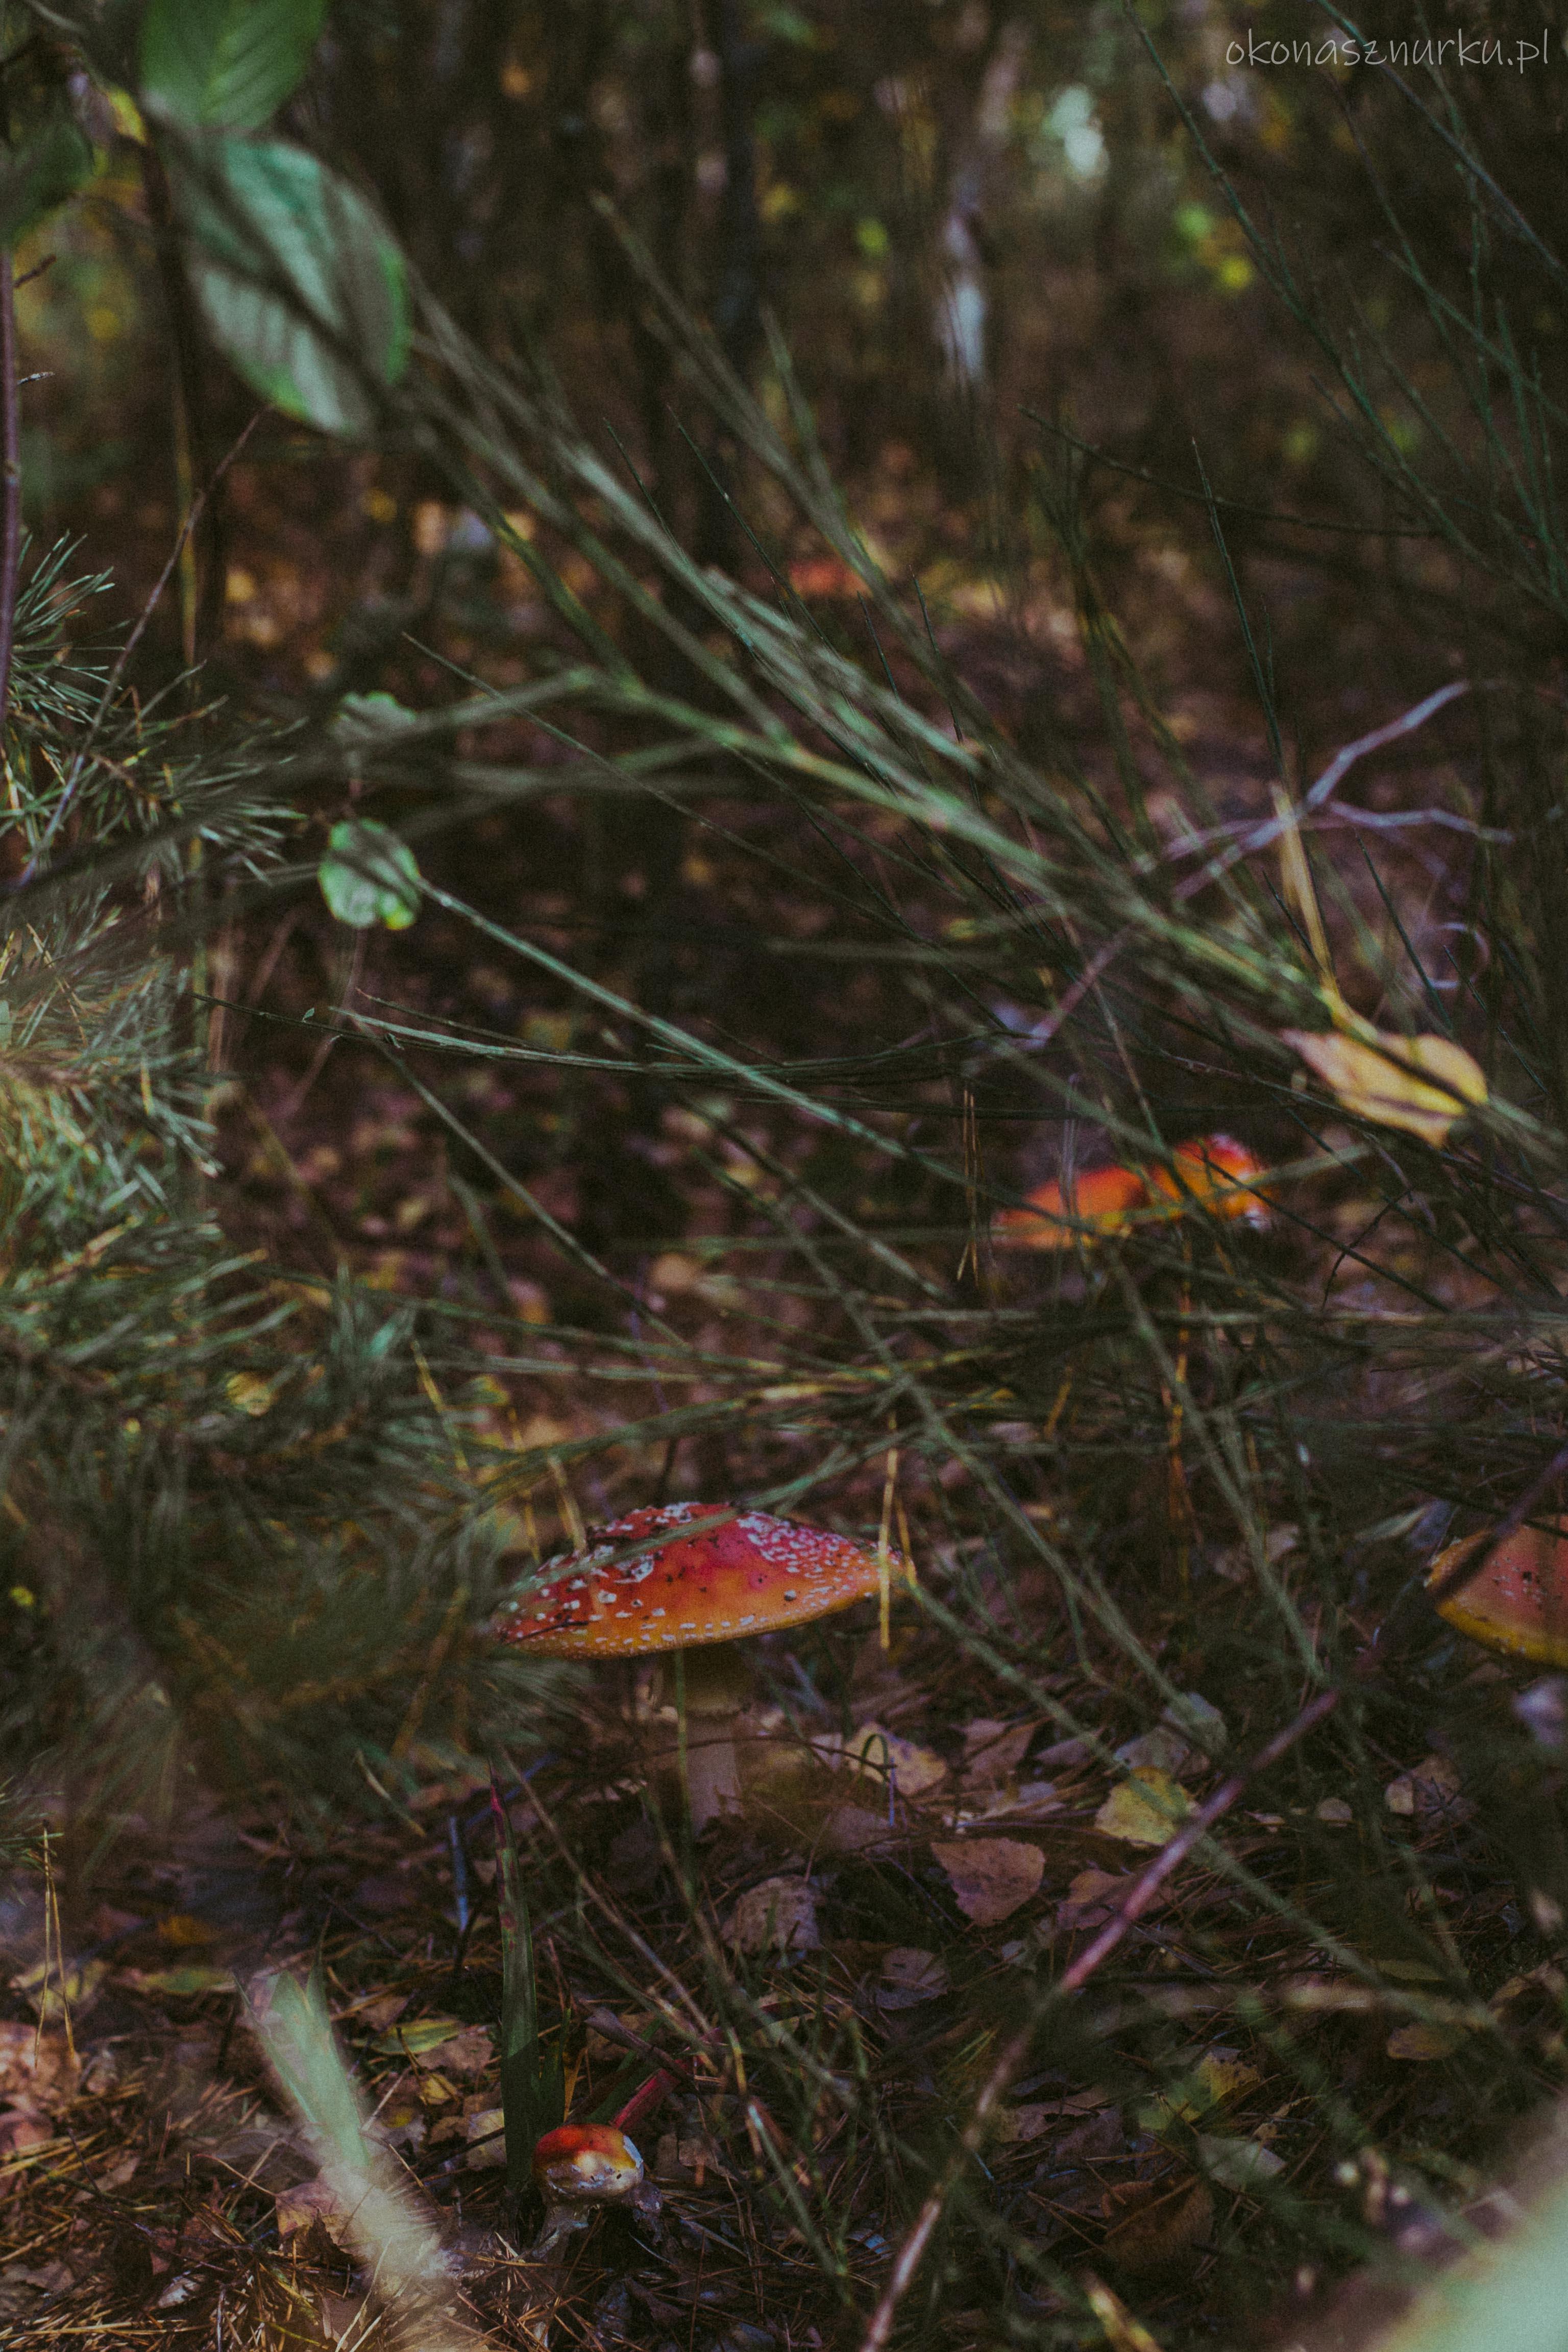 grzybobranie-okonasznurku (13)